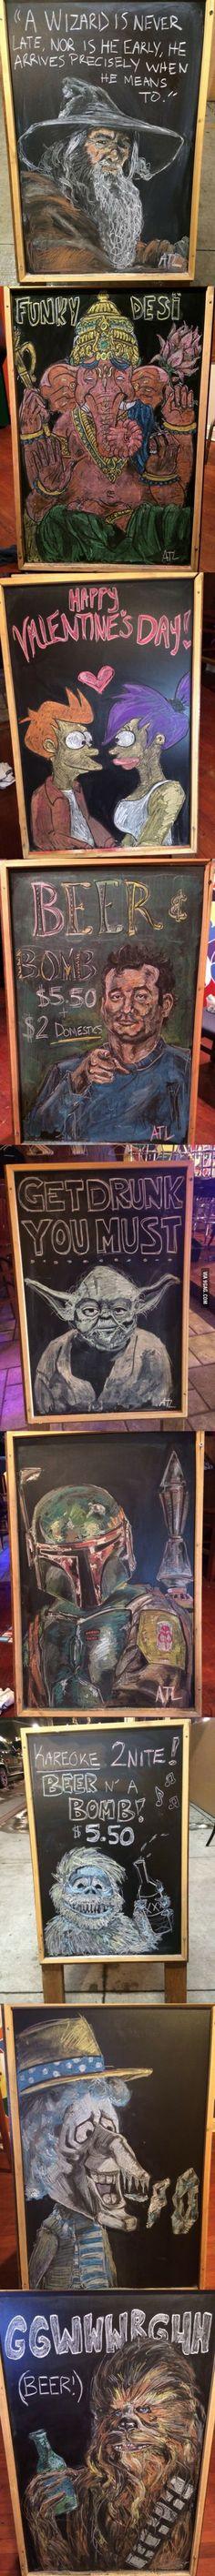 Pub board chalk art